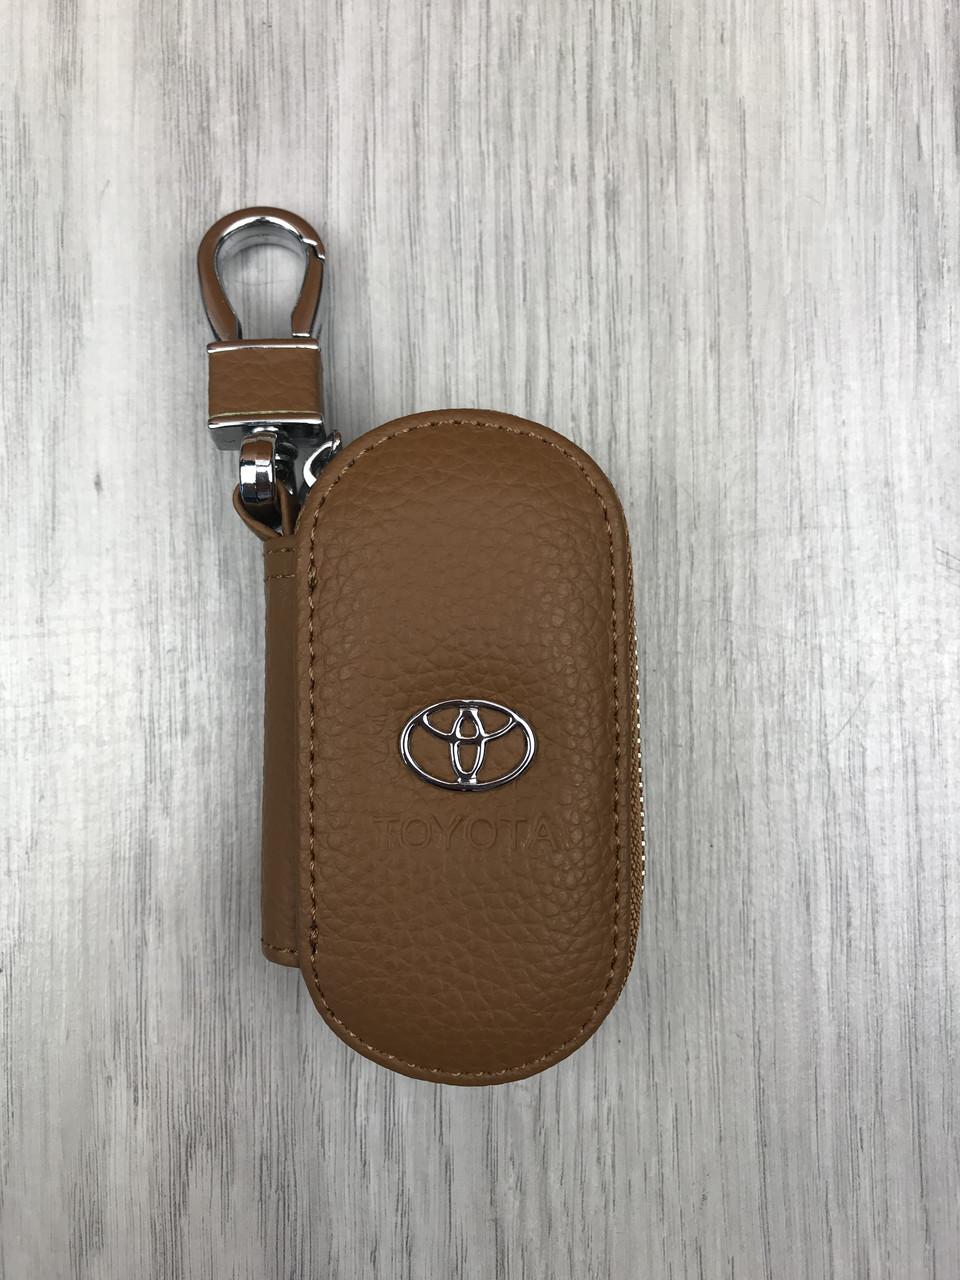 Молодежная кожаная ключница Toyota коричневая Люкс Автомобильный брелок для ключей Стильный Тойота копия